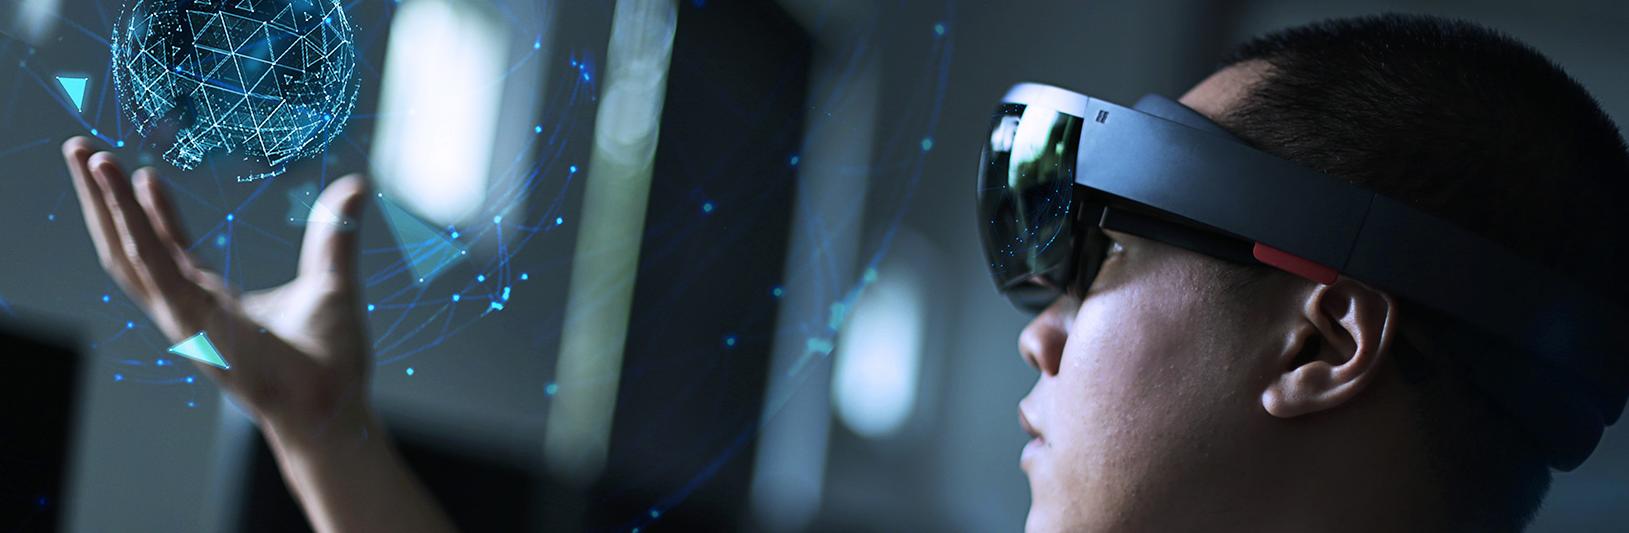 VR AR headset